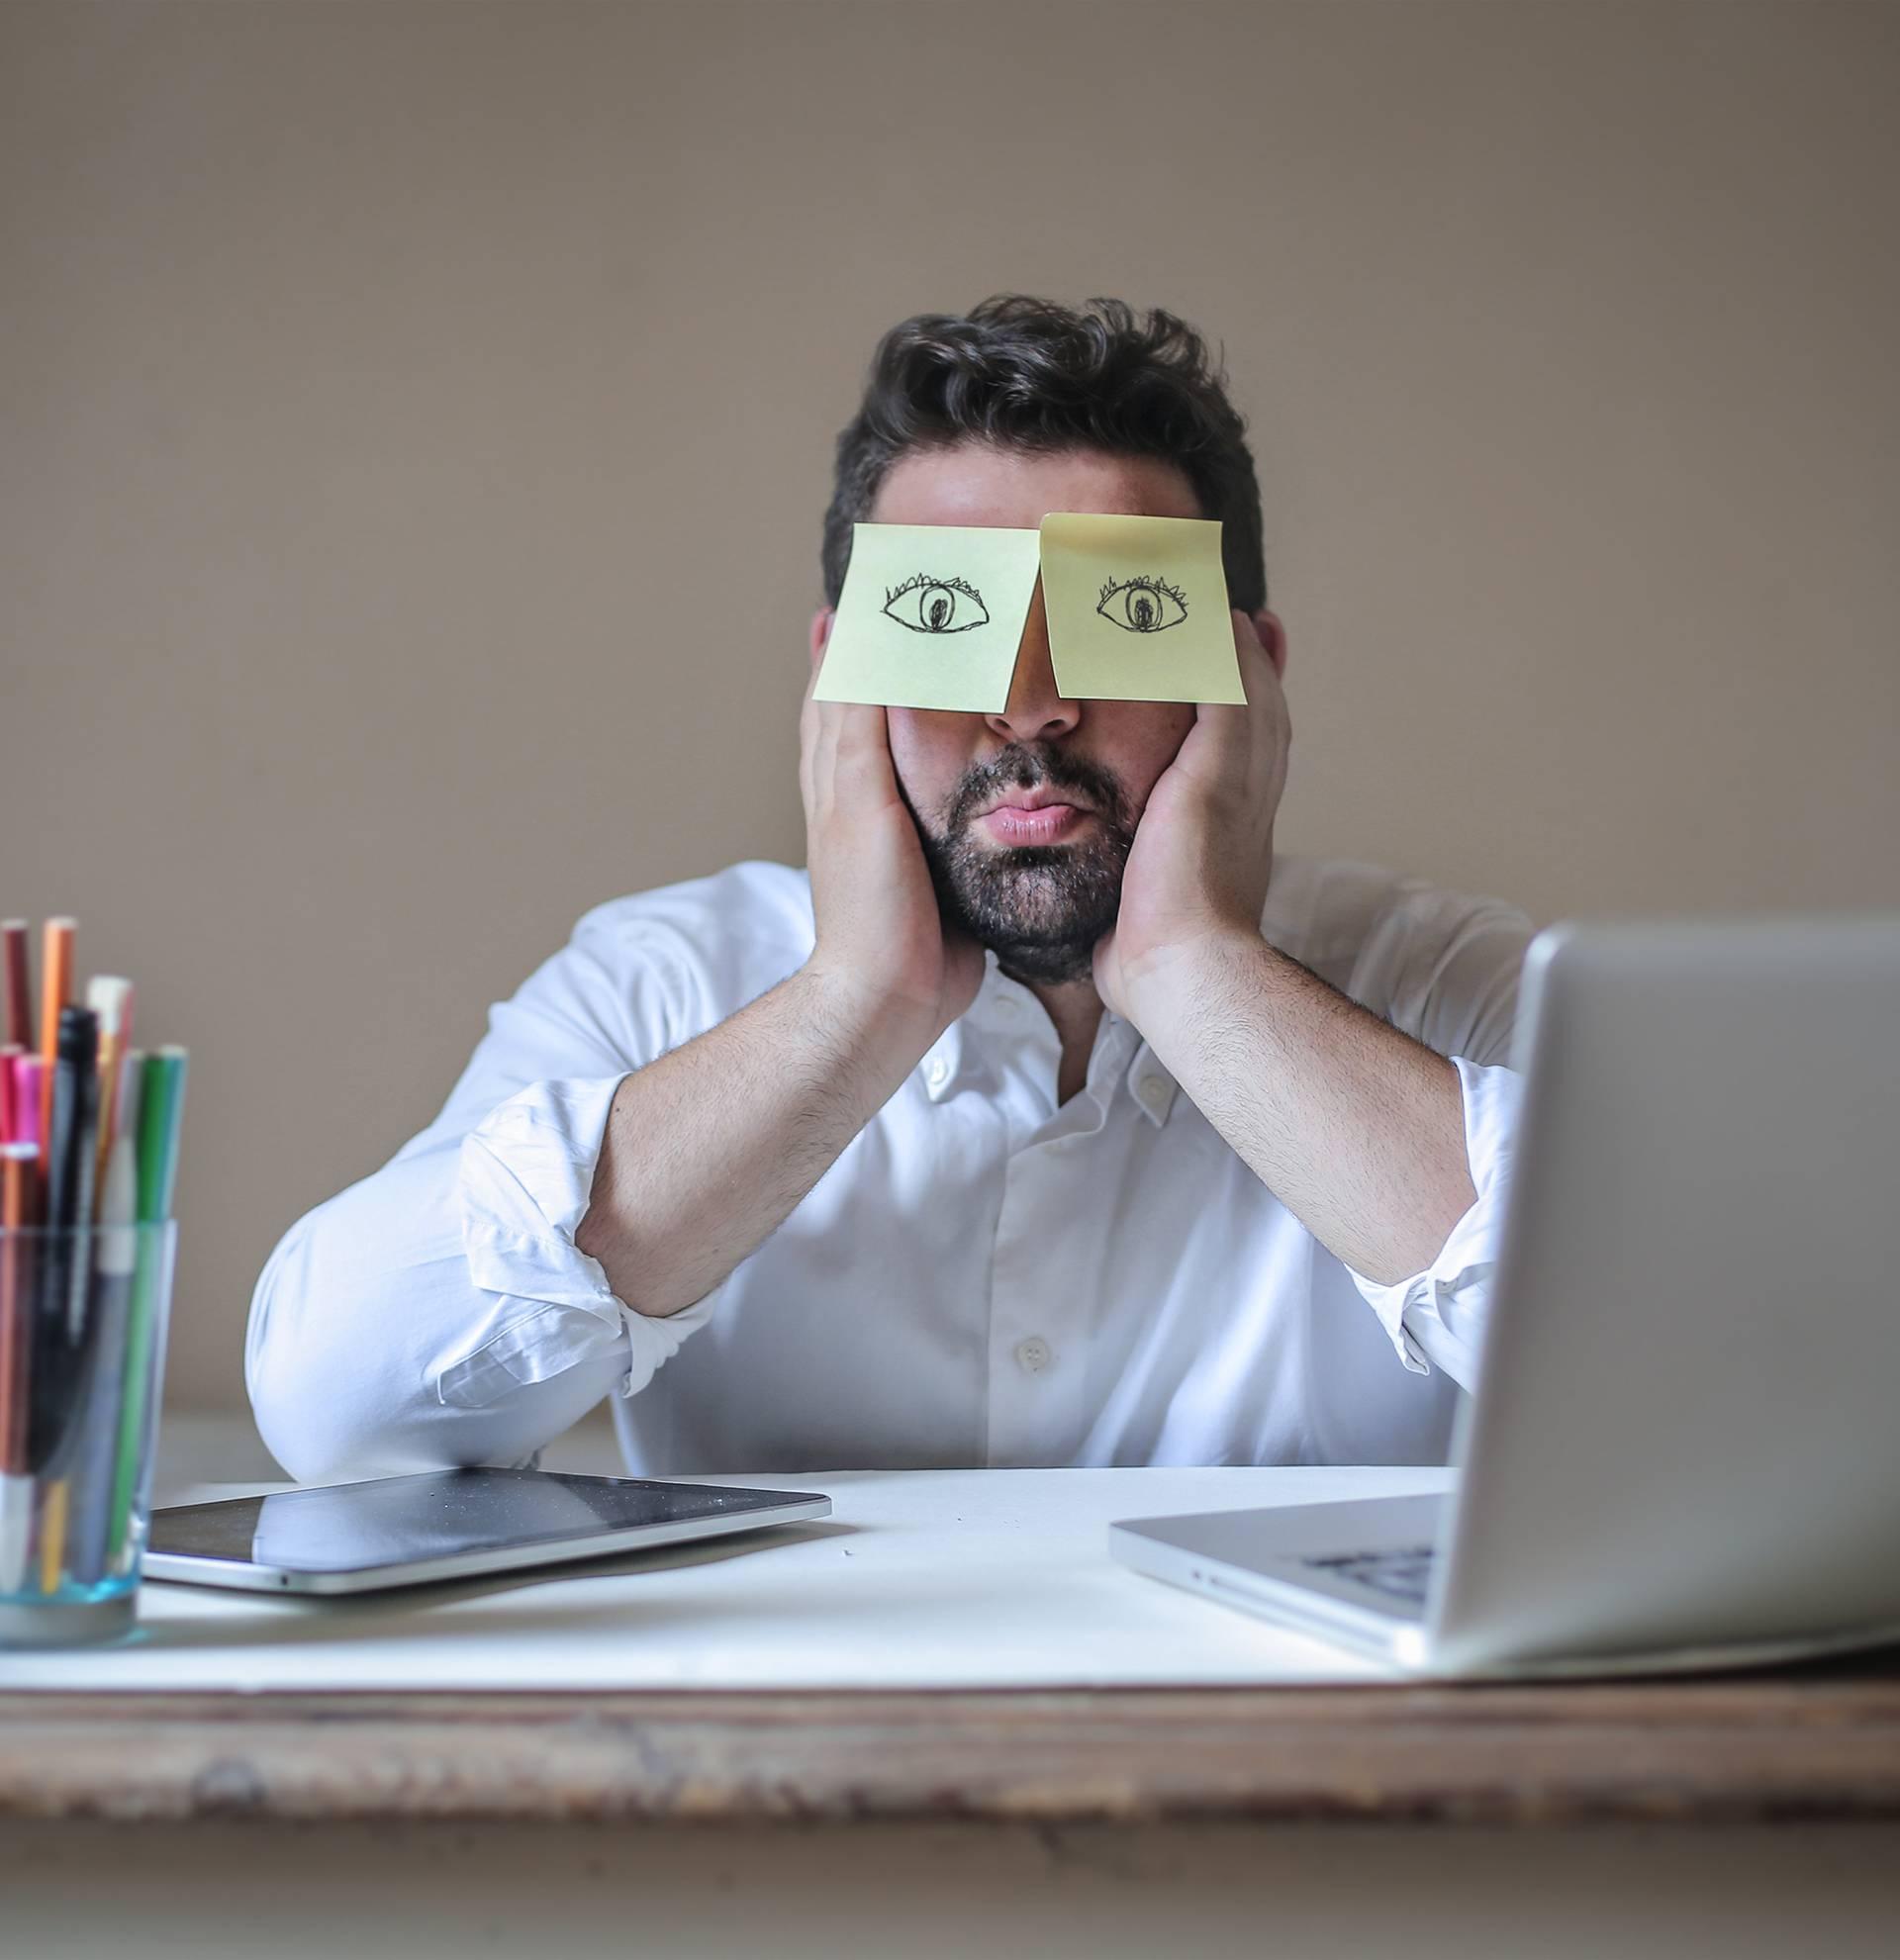 Saznajte što vaše radne navike govore o vama